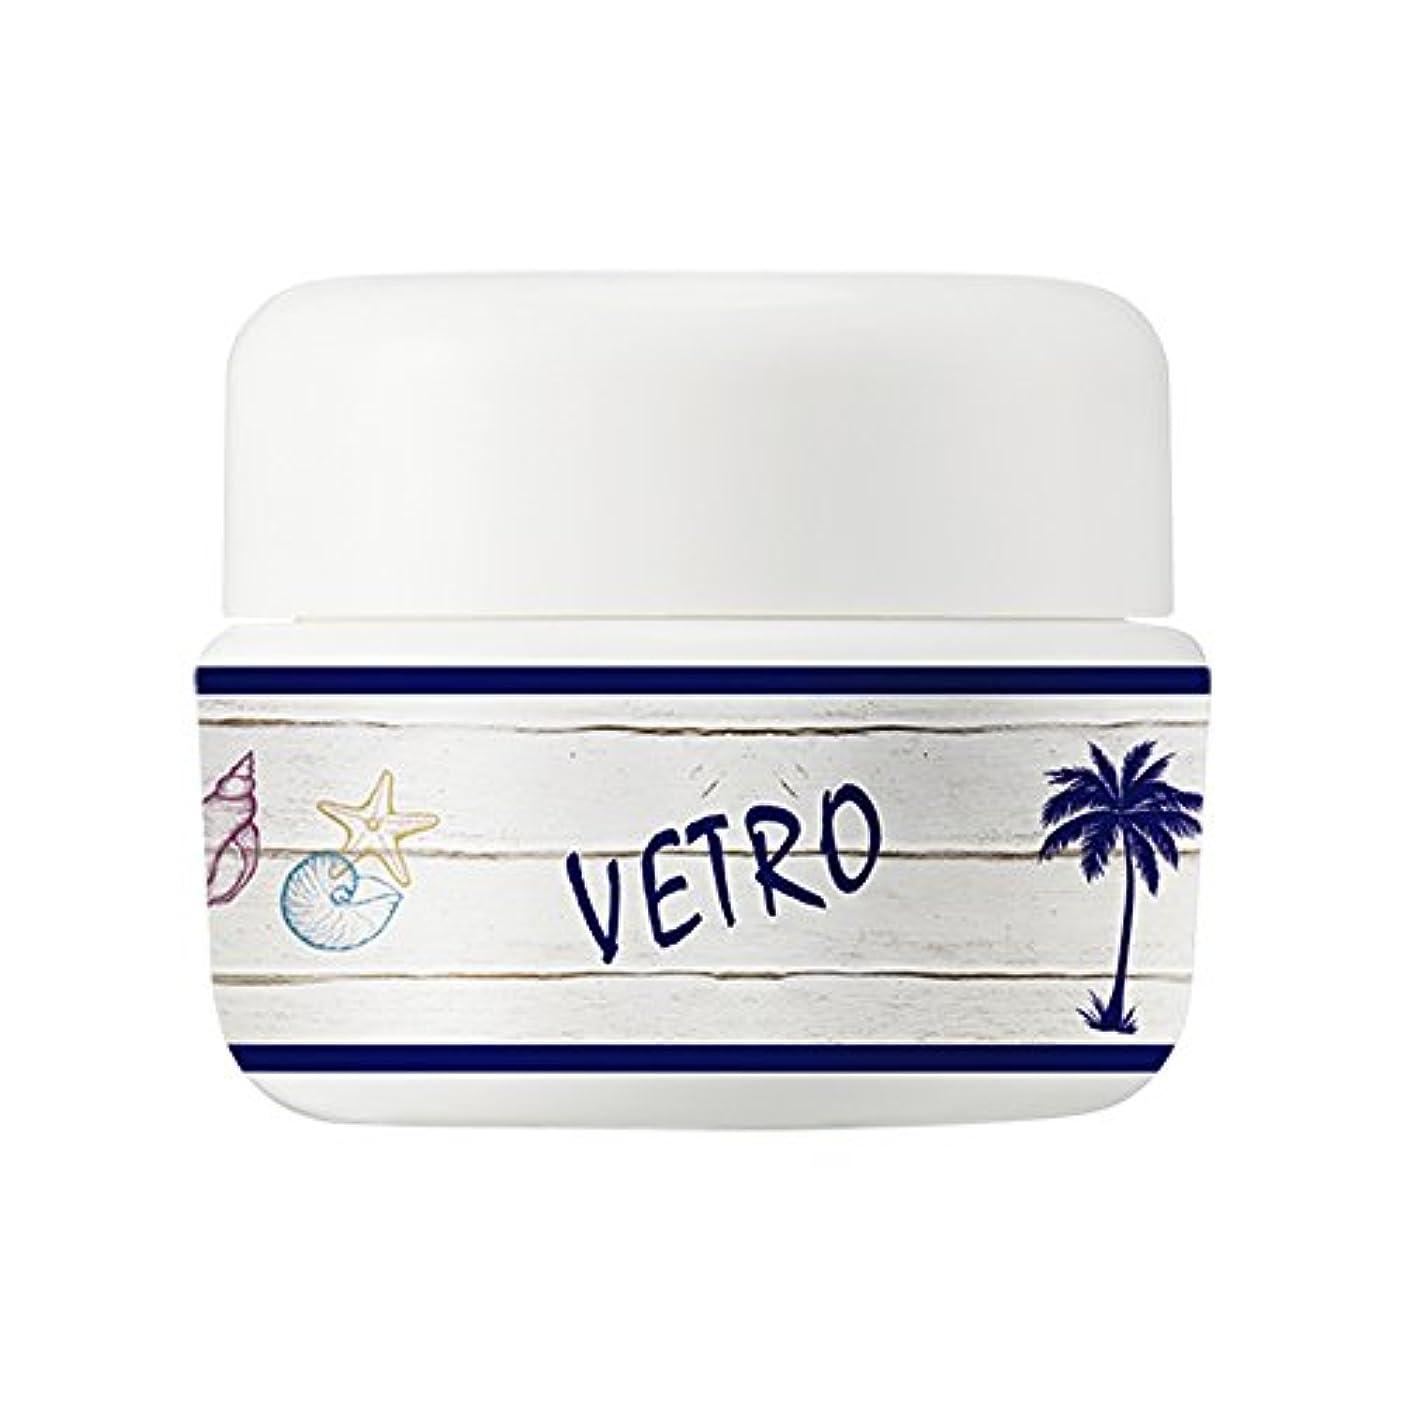 レビュアー確保する司法VETRO カラージェル VL366 サンゴストーン 5ml UV/LED対応 ソークオフジェル